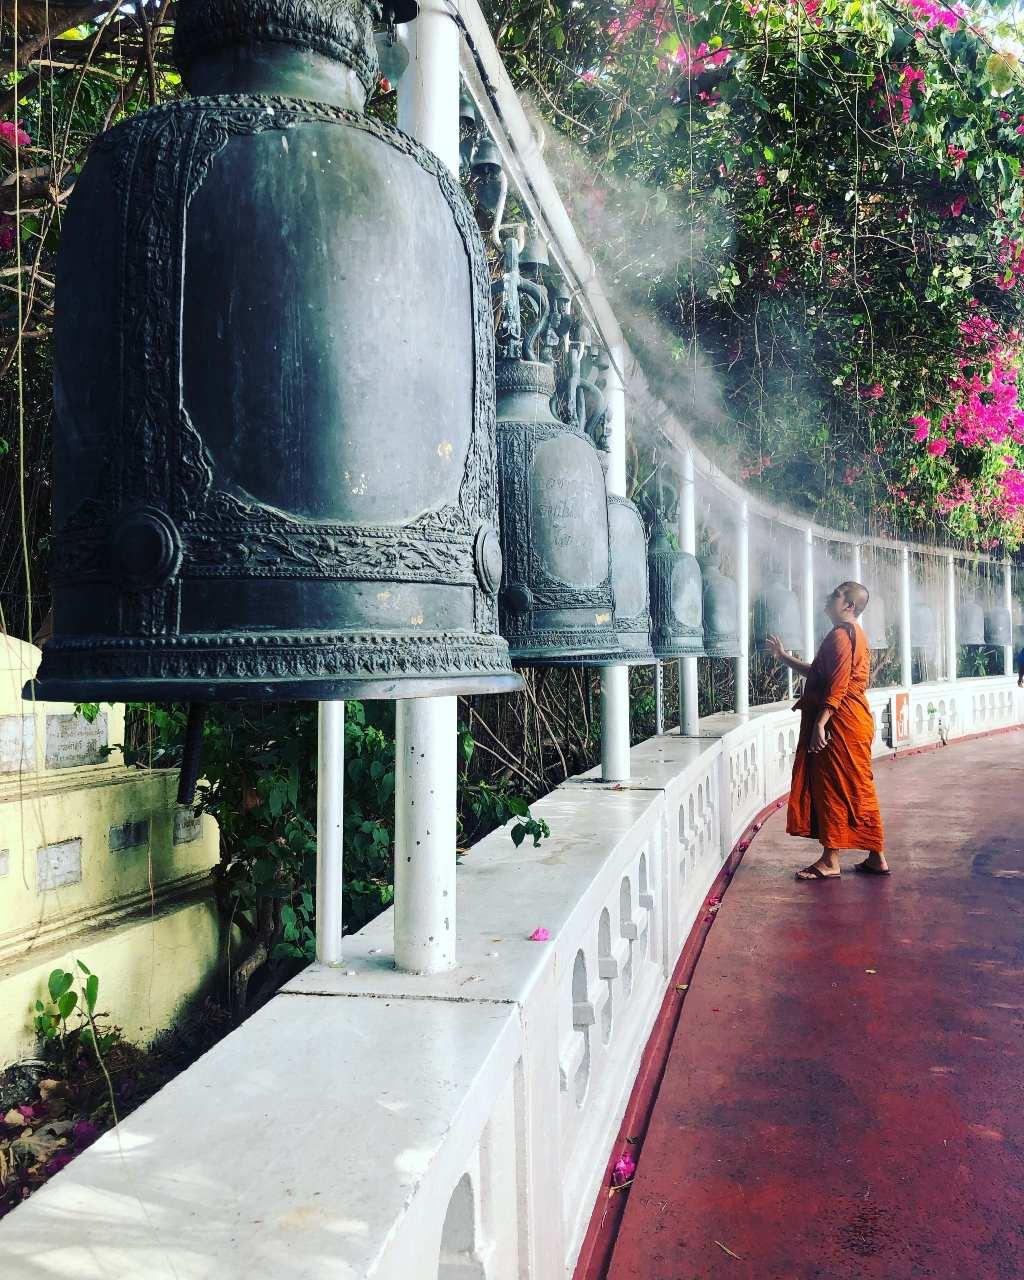 Boeddhistische monnik bij grote bellen op de Wat Saket (Golden Mount tempel) in Bangkok, Thailand